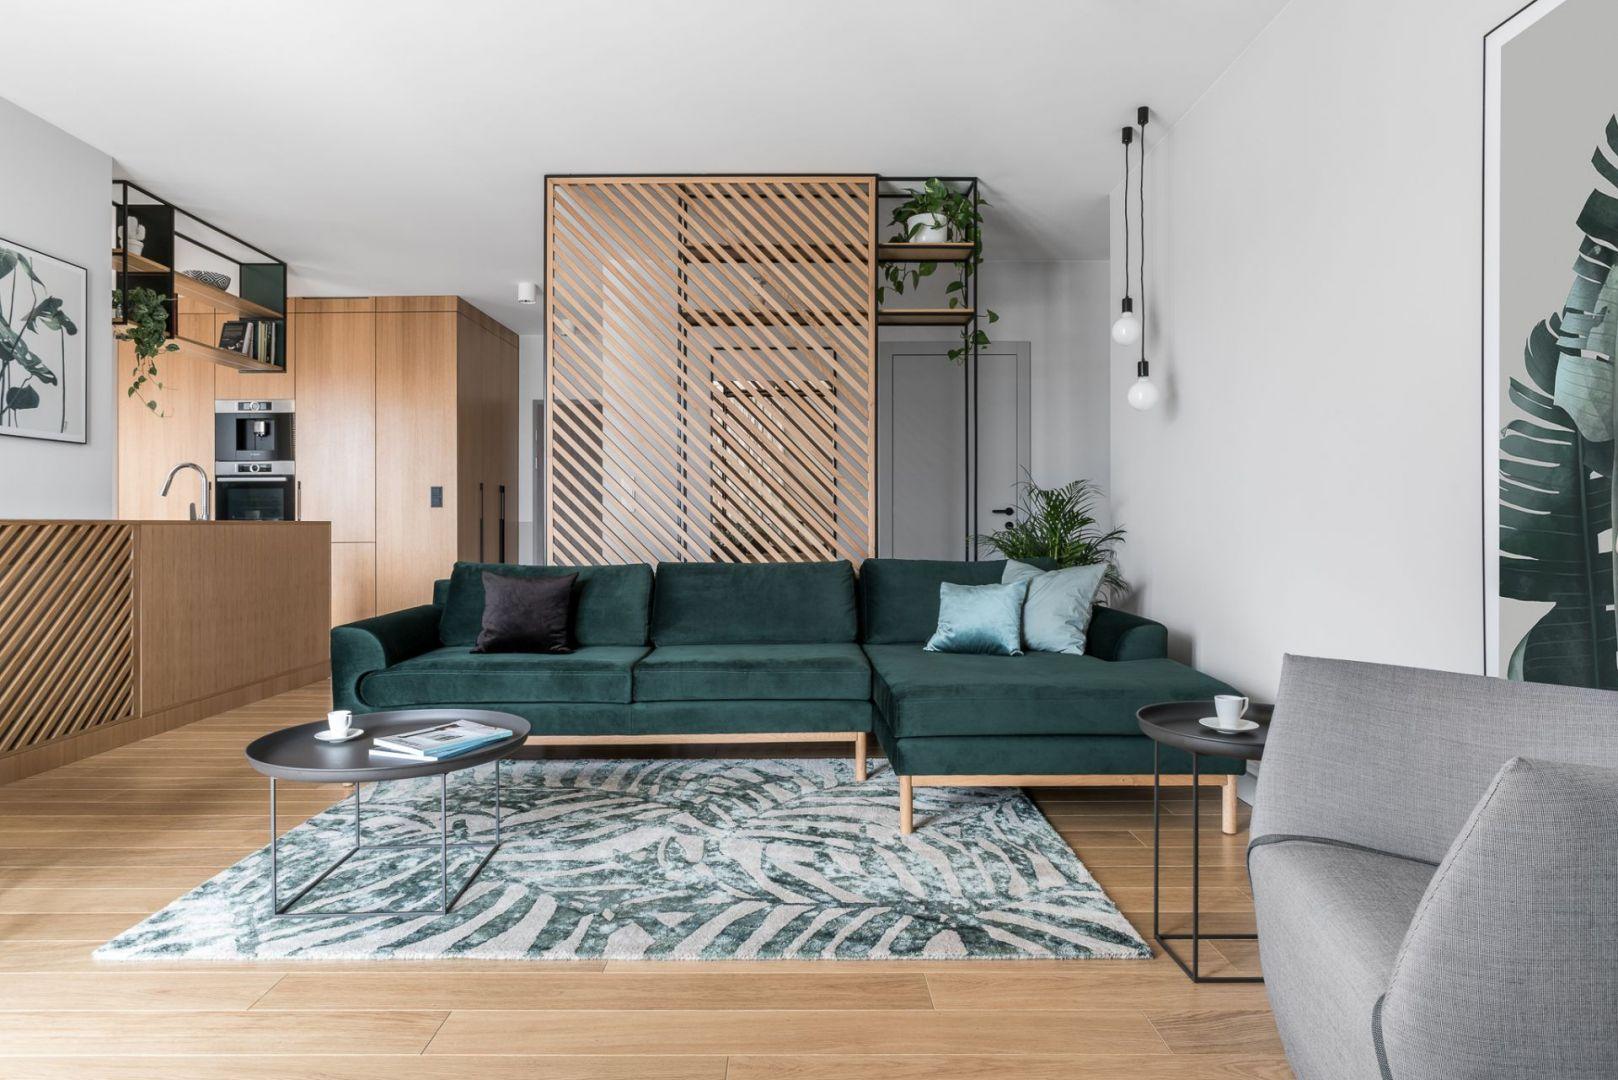 W salonie stanęła kanapa marki Sofa Company (Designzoo) oraz fotel Ume (marka Comforty, Mesmetric). Projekt: Marta i Michał Raca, pracownia Raca Architekci. Zdjęcia: Fotomohito